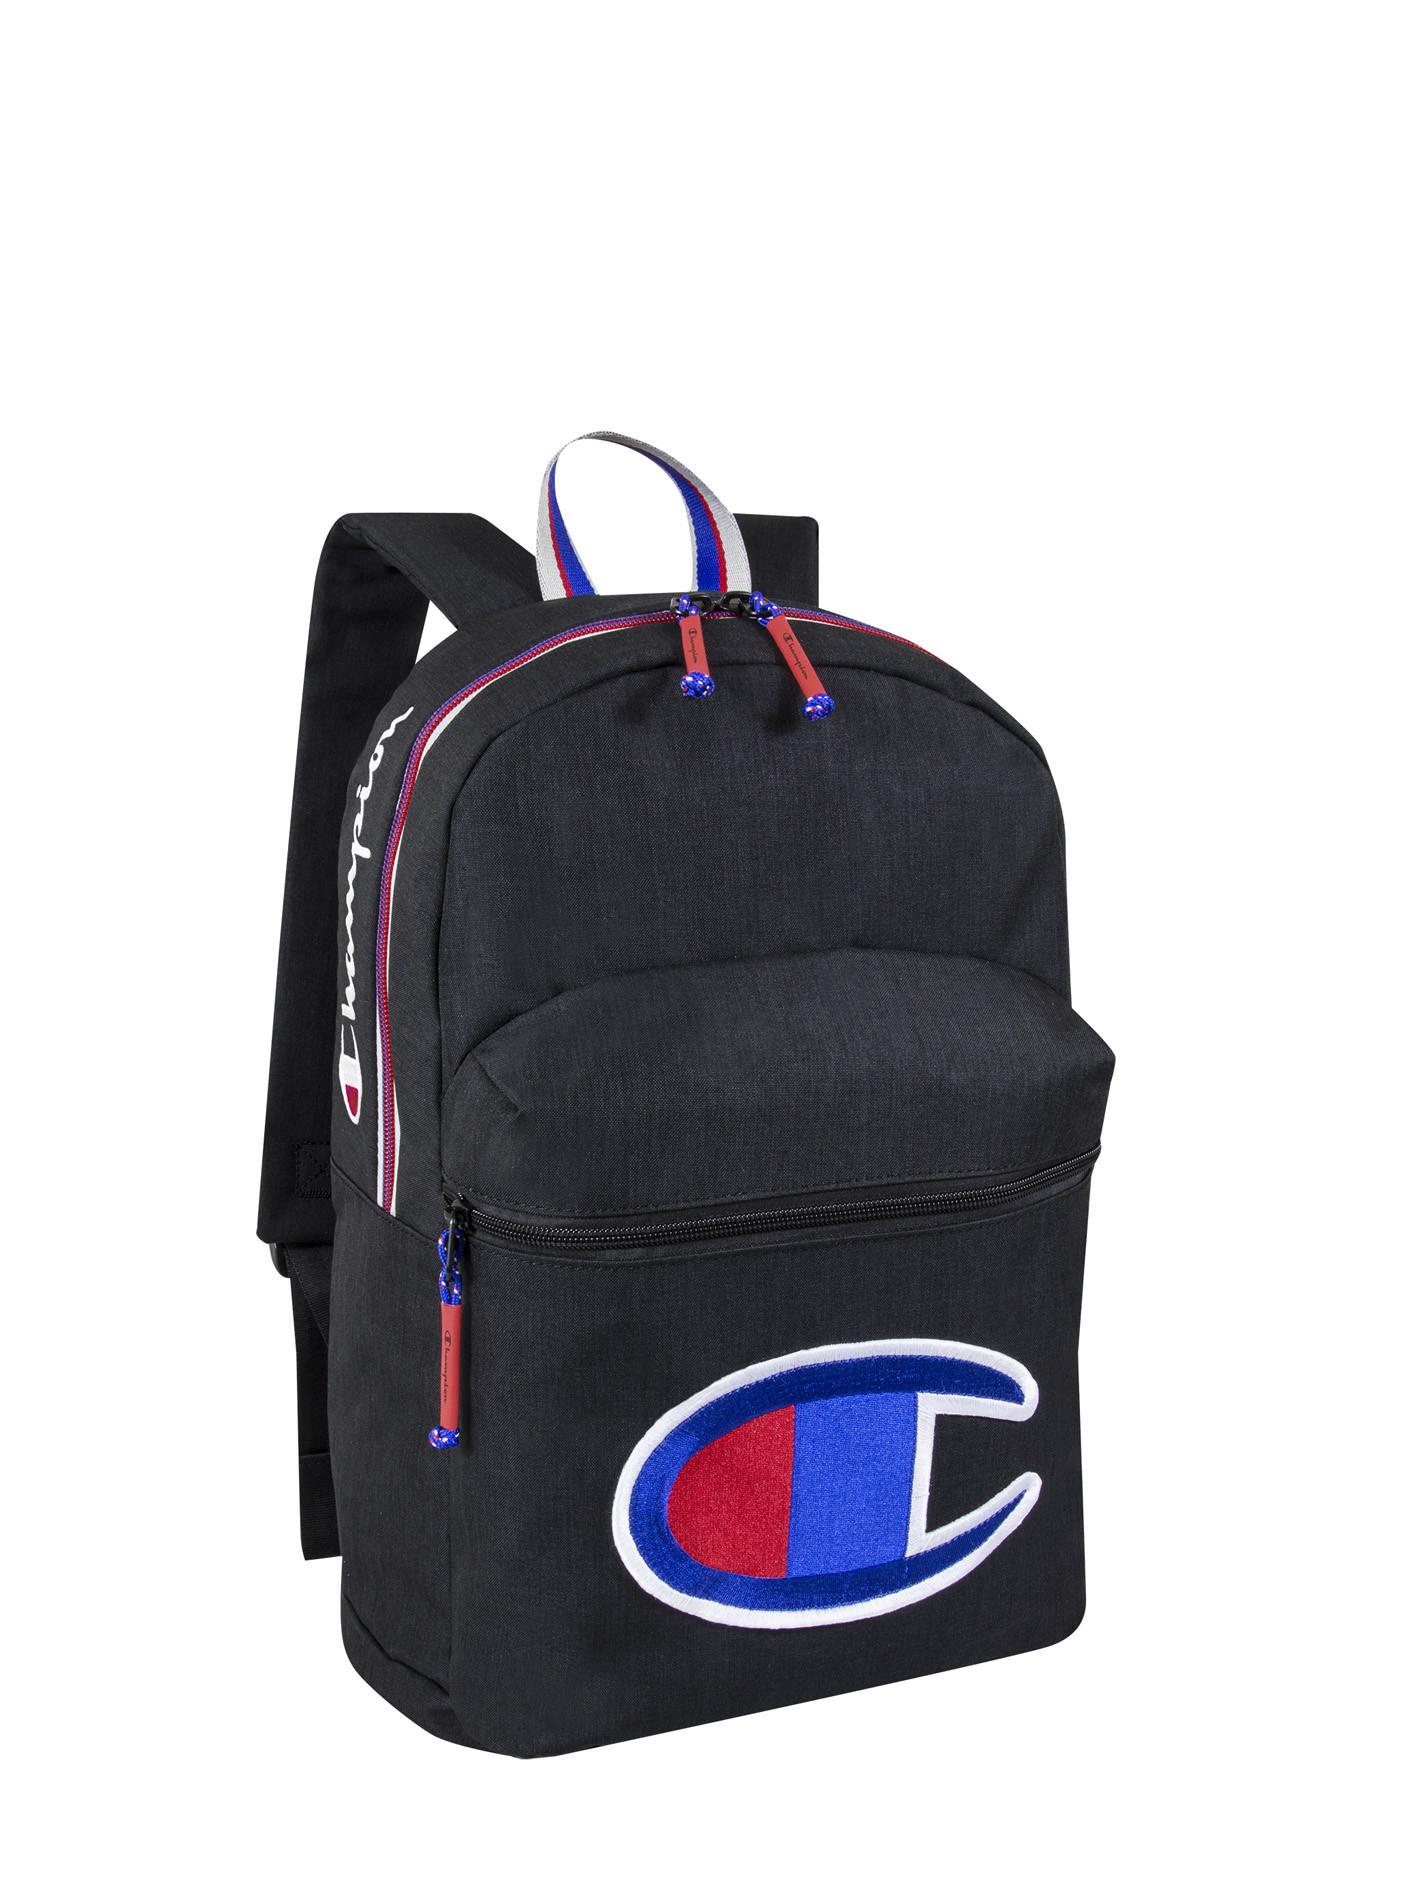 Supercize backpack - Black